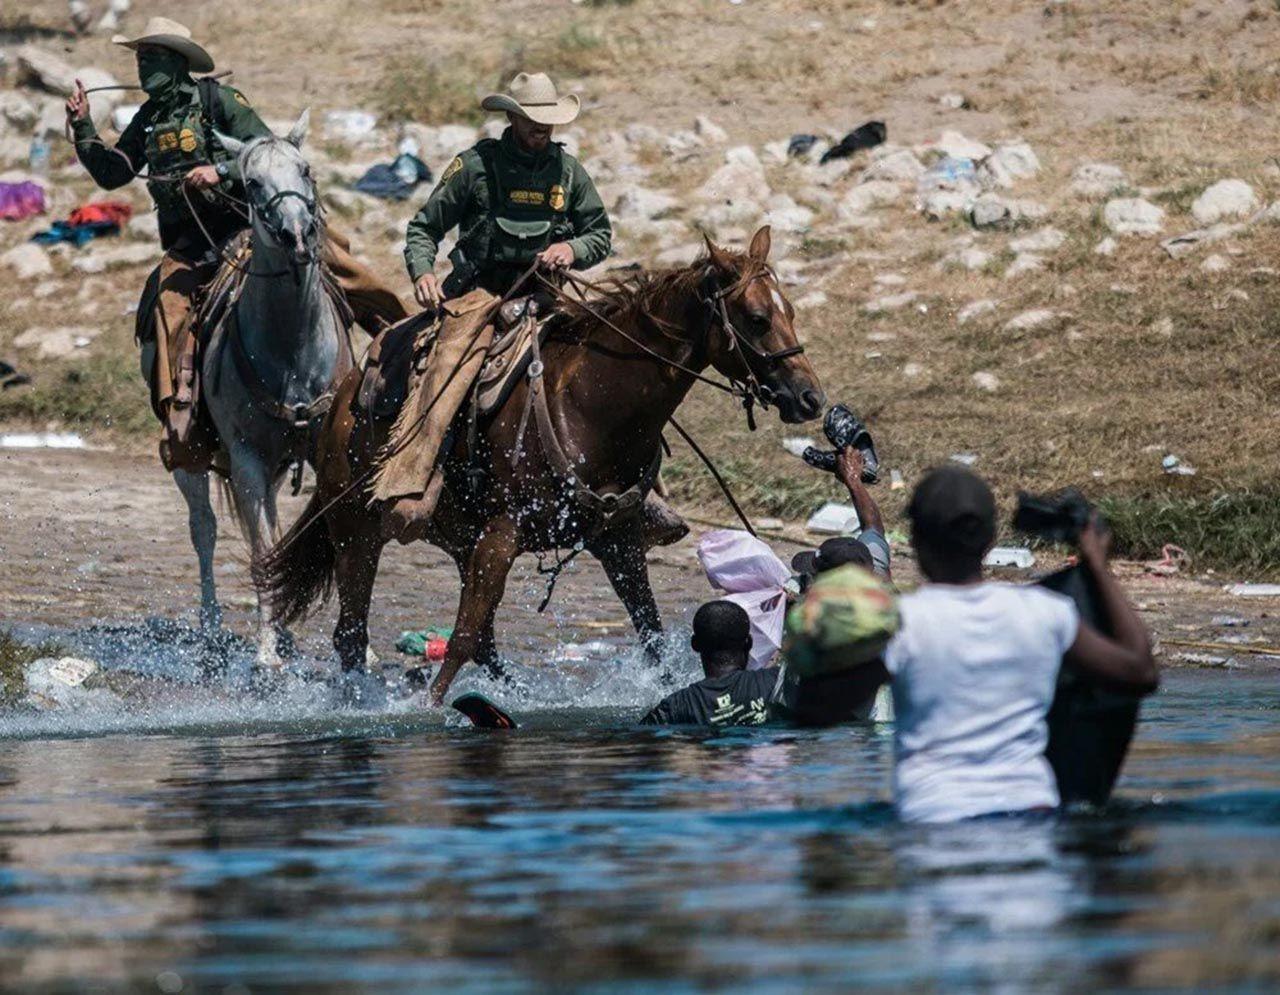 ABD-Meksika sınırında insanlık dışı görüntüler - Resim: 1